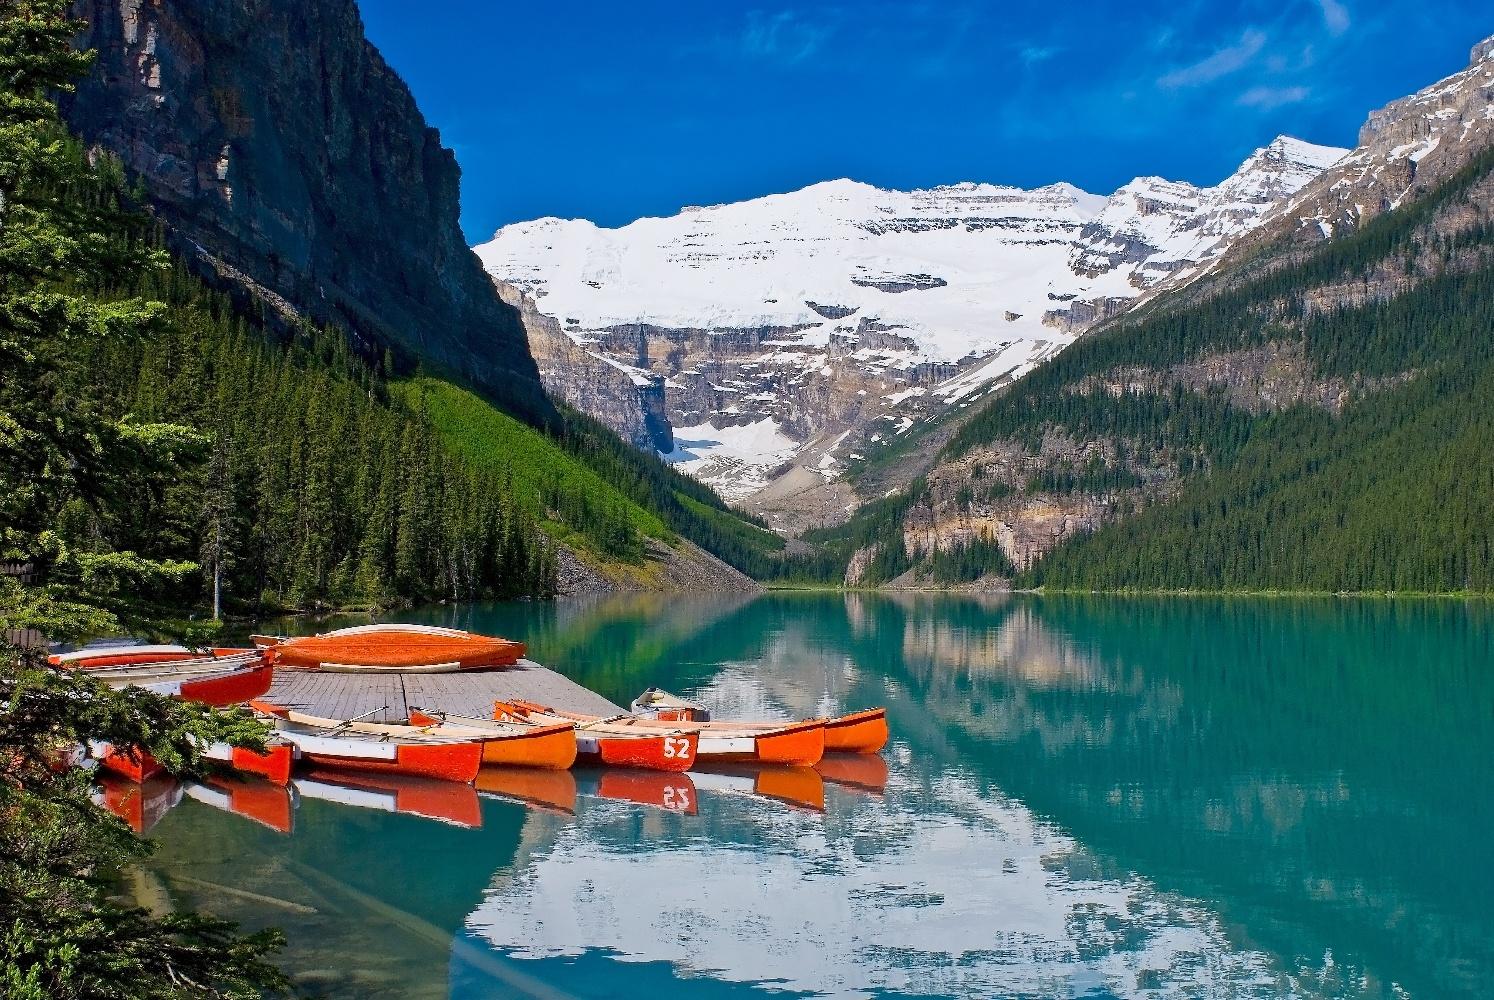 Kanada Alberta Banff Lake Louise Kanus ©123RF